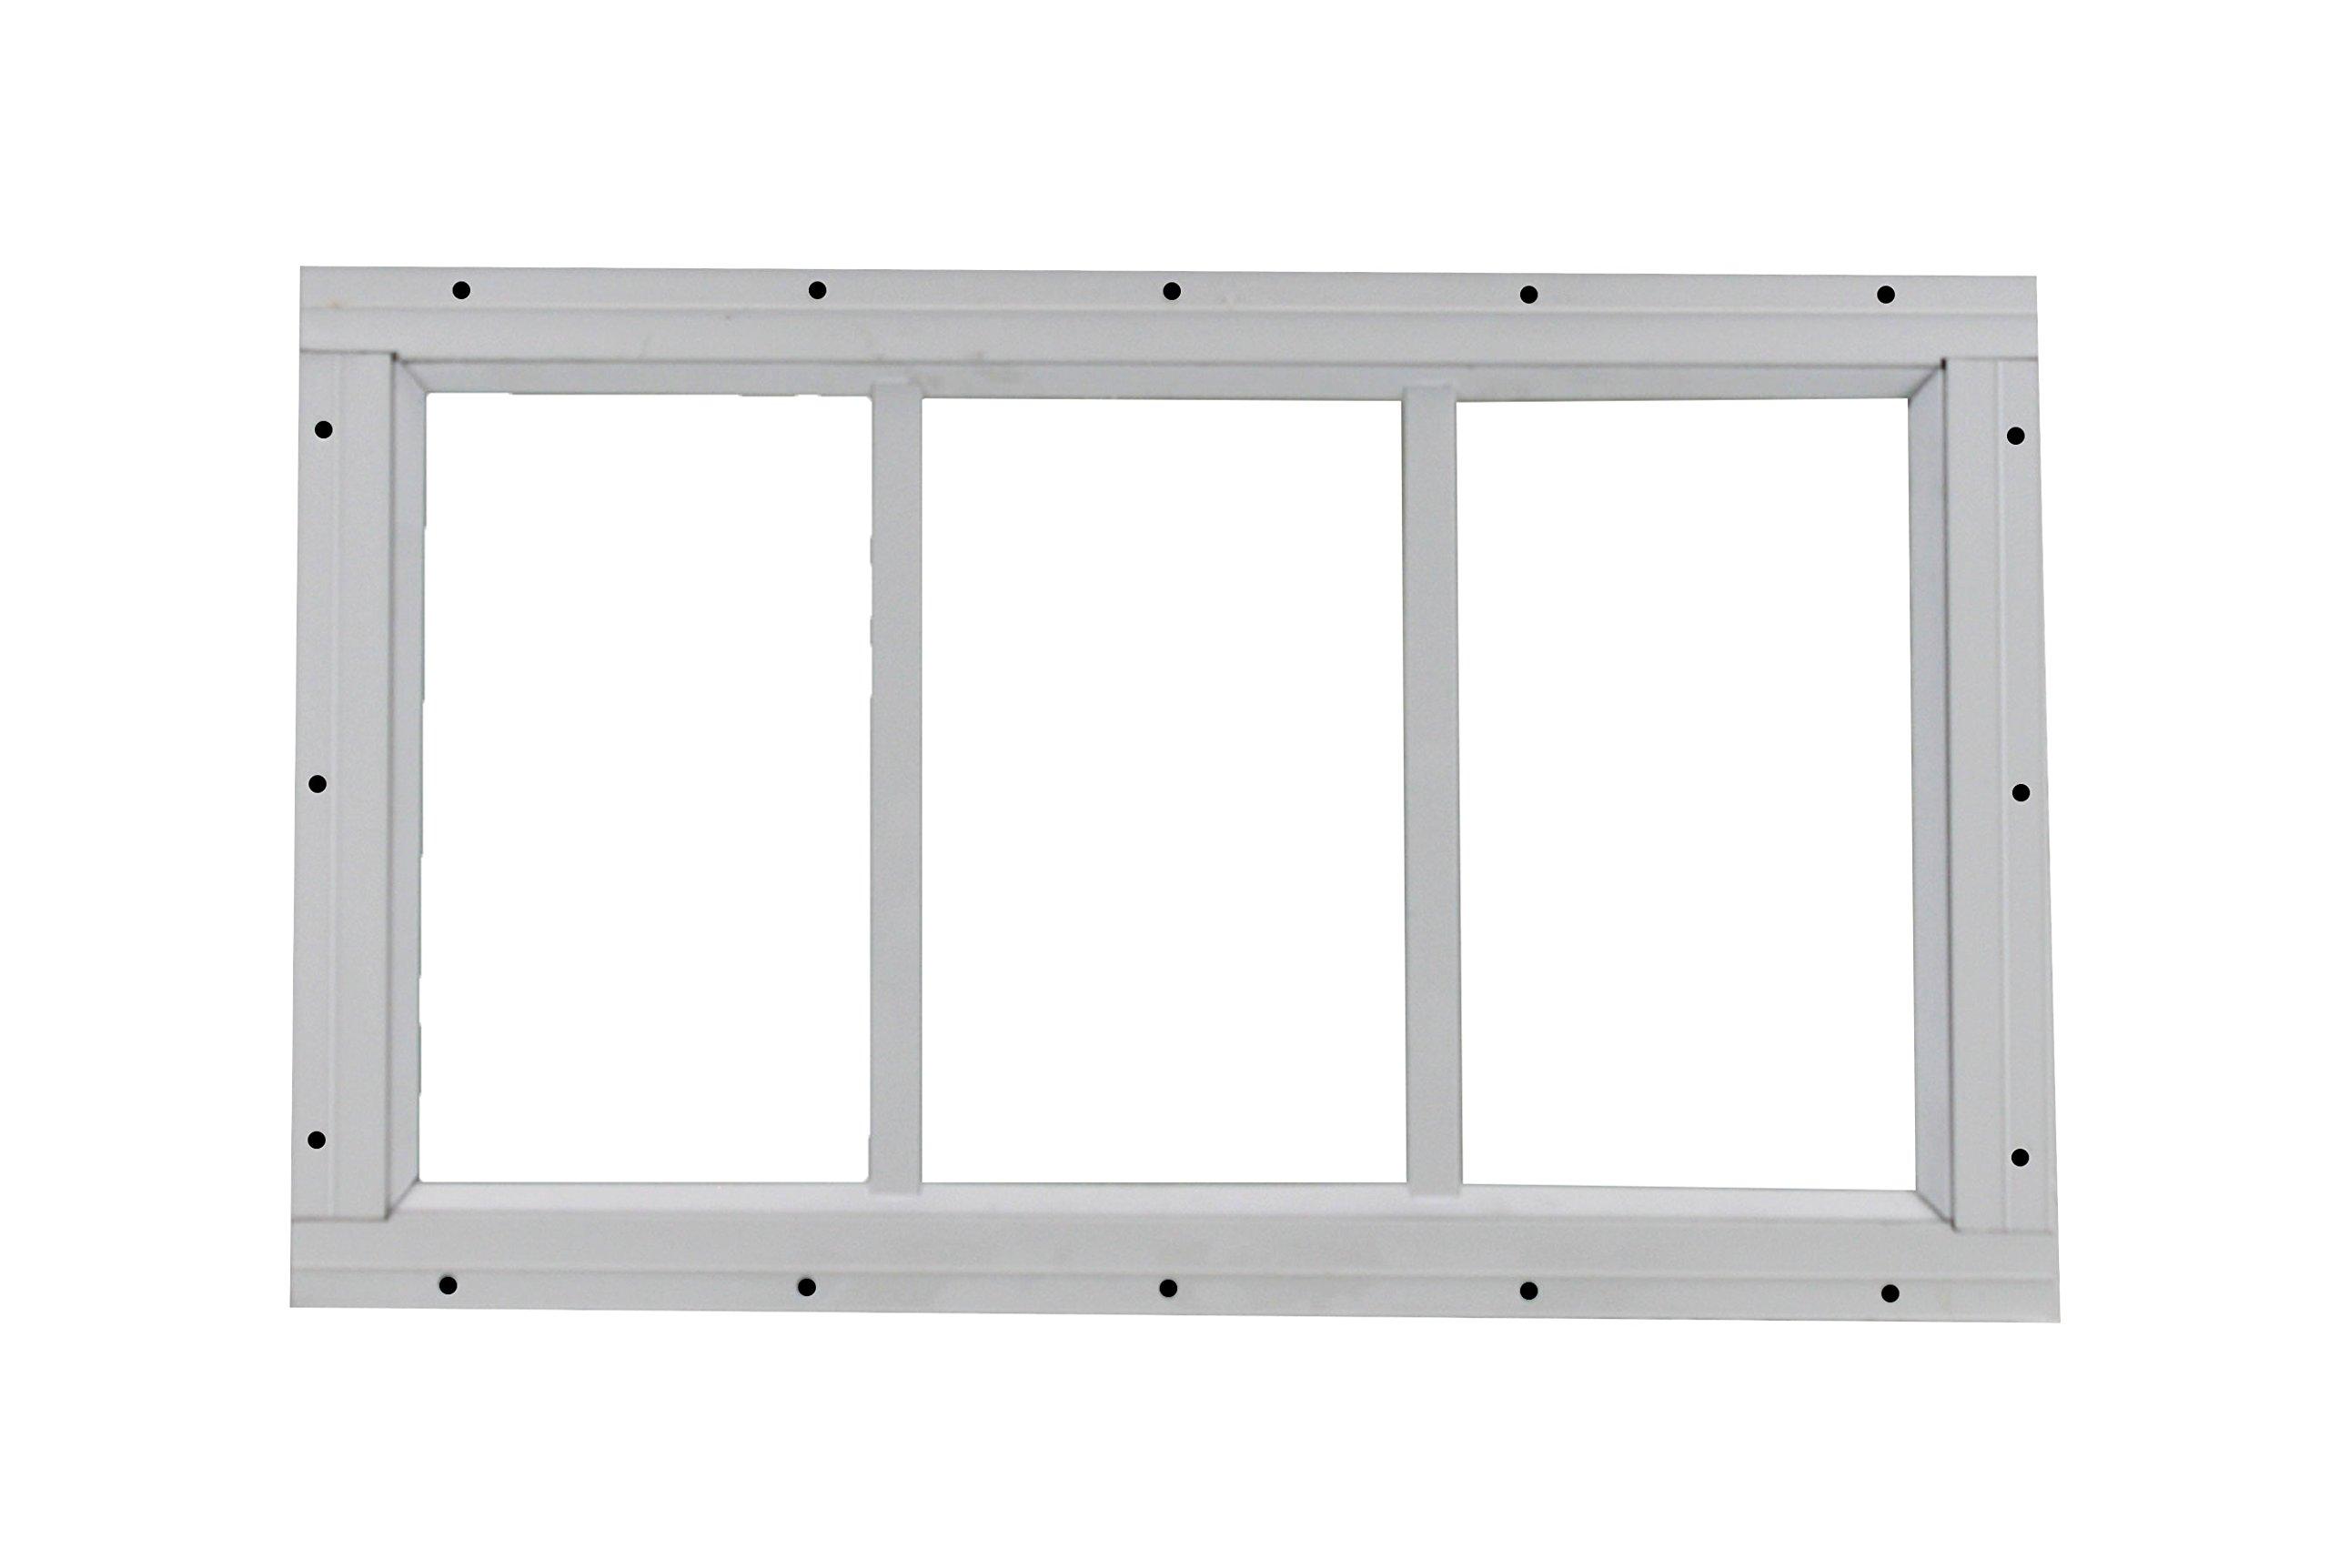 Shed Transom Window 10'' X 18'' White Flush Mount